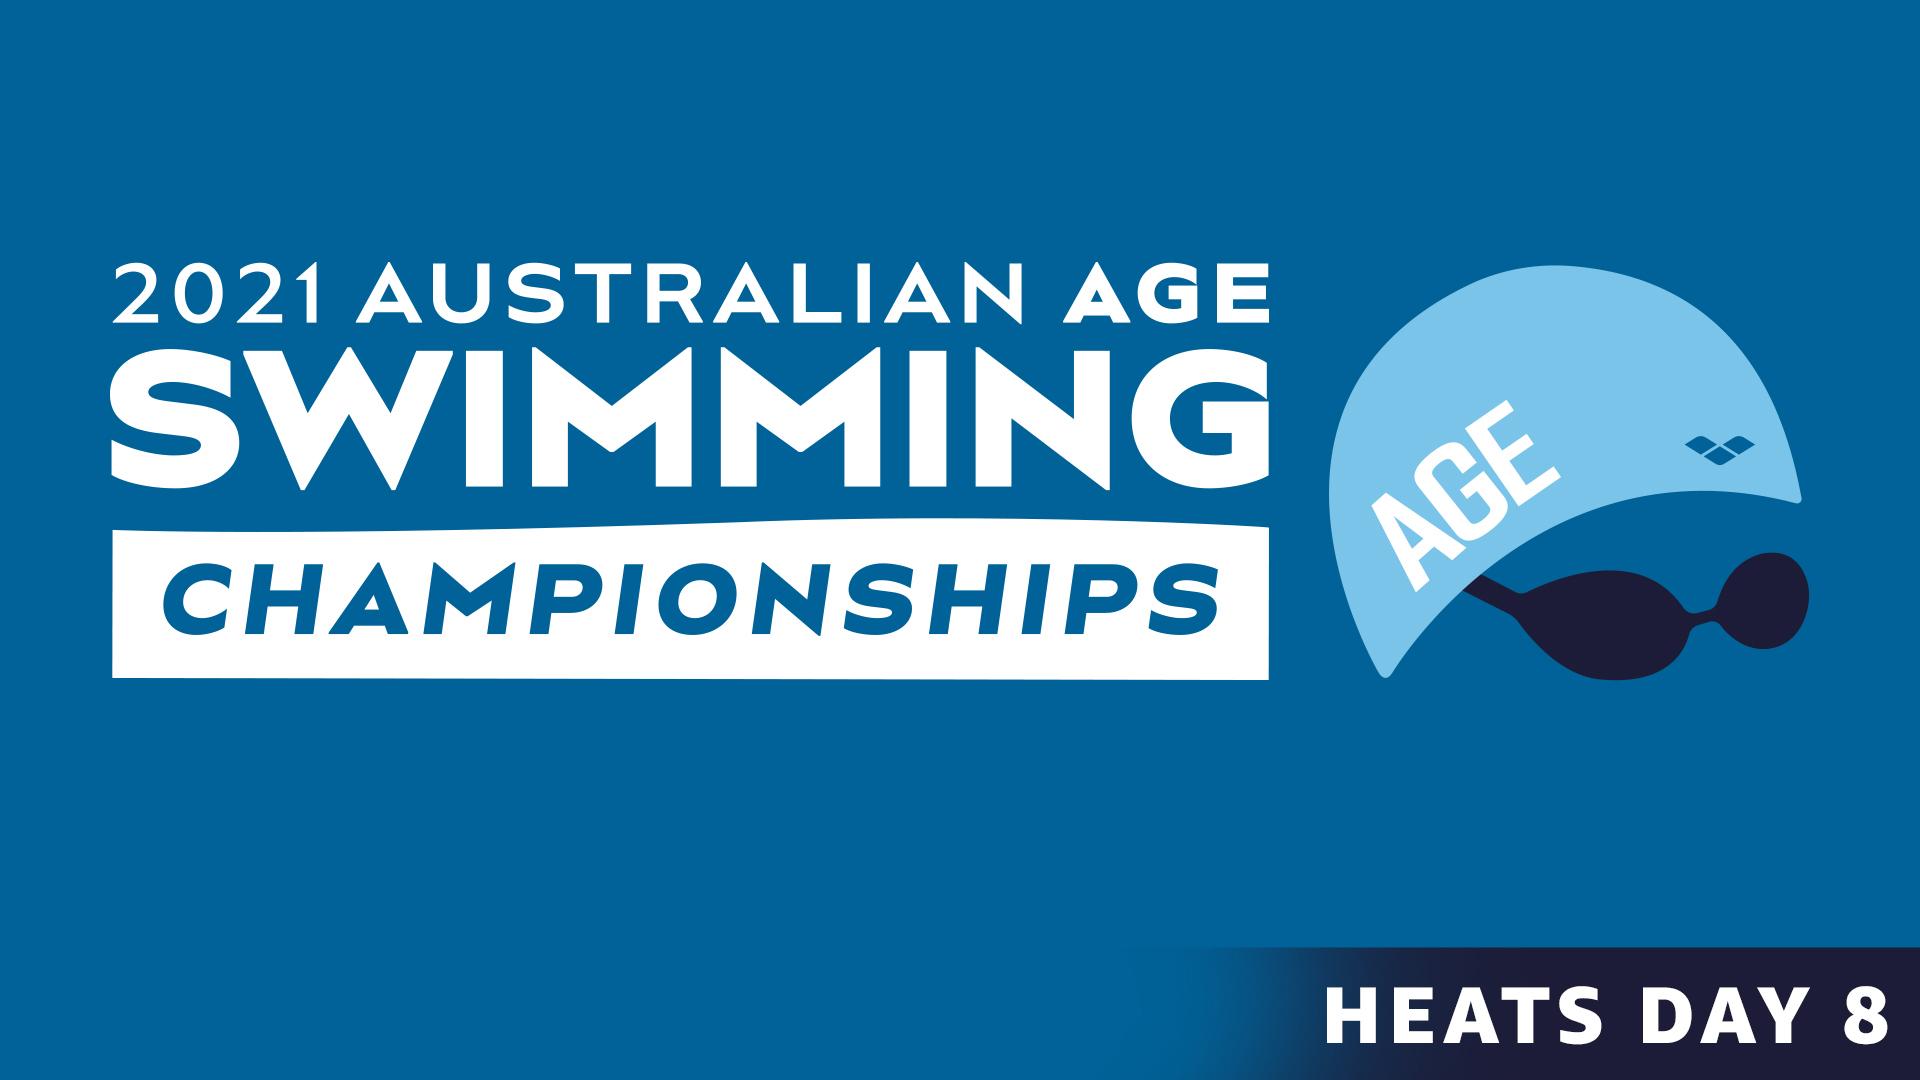 Australian Age Swimming Championships: Day 8 Heats